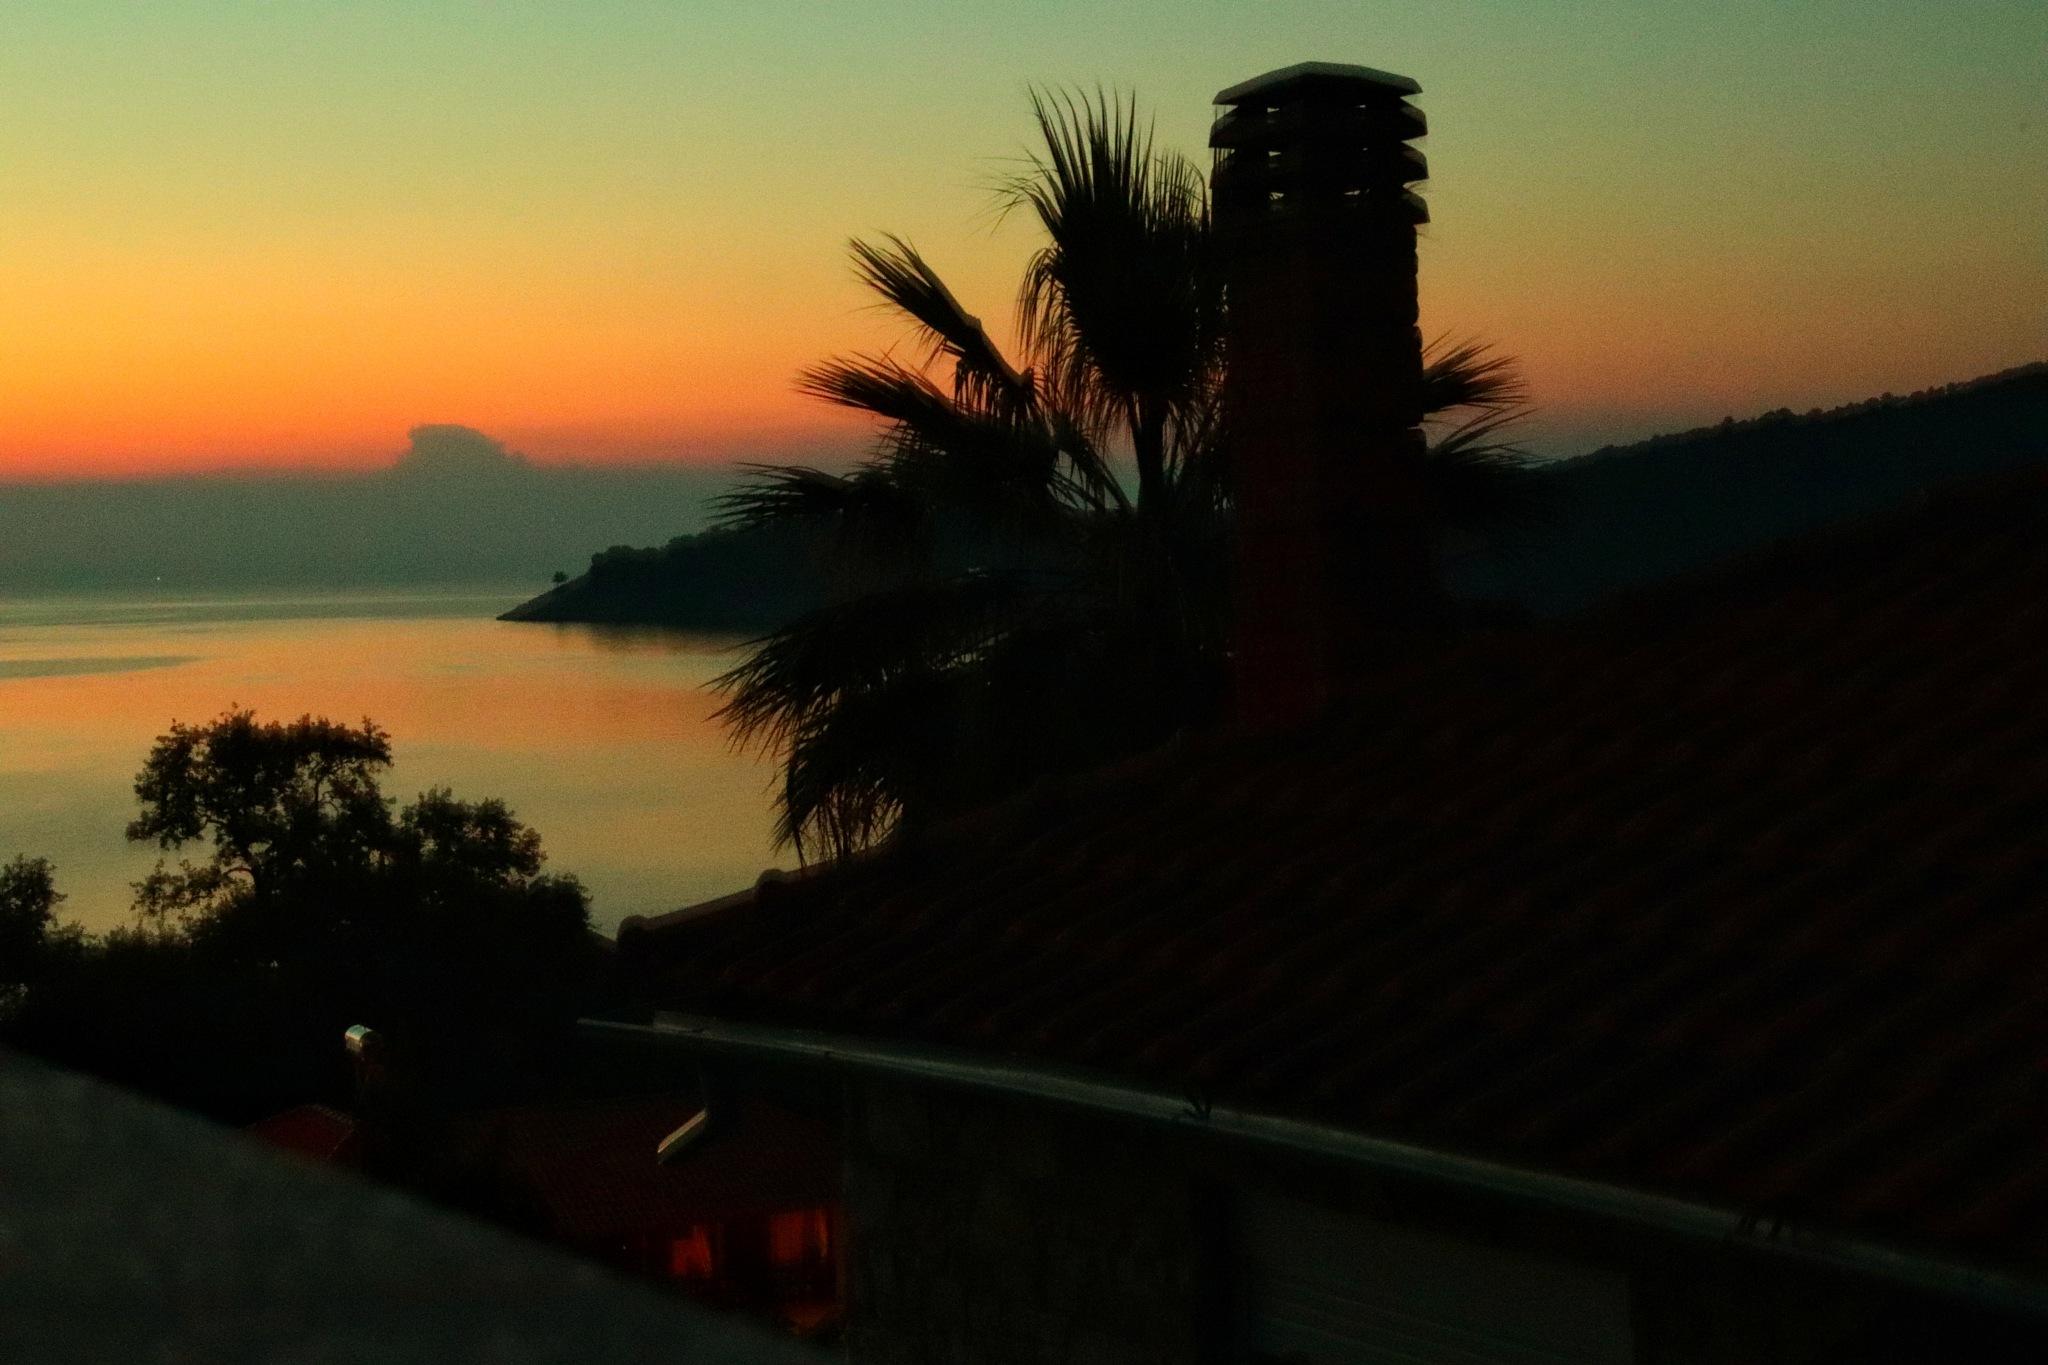 Sunrise madness pt2 by Andreea-Cristiana Irimia